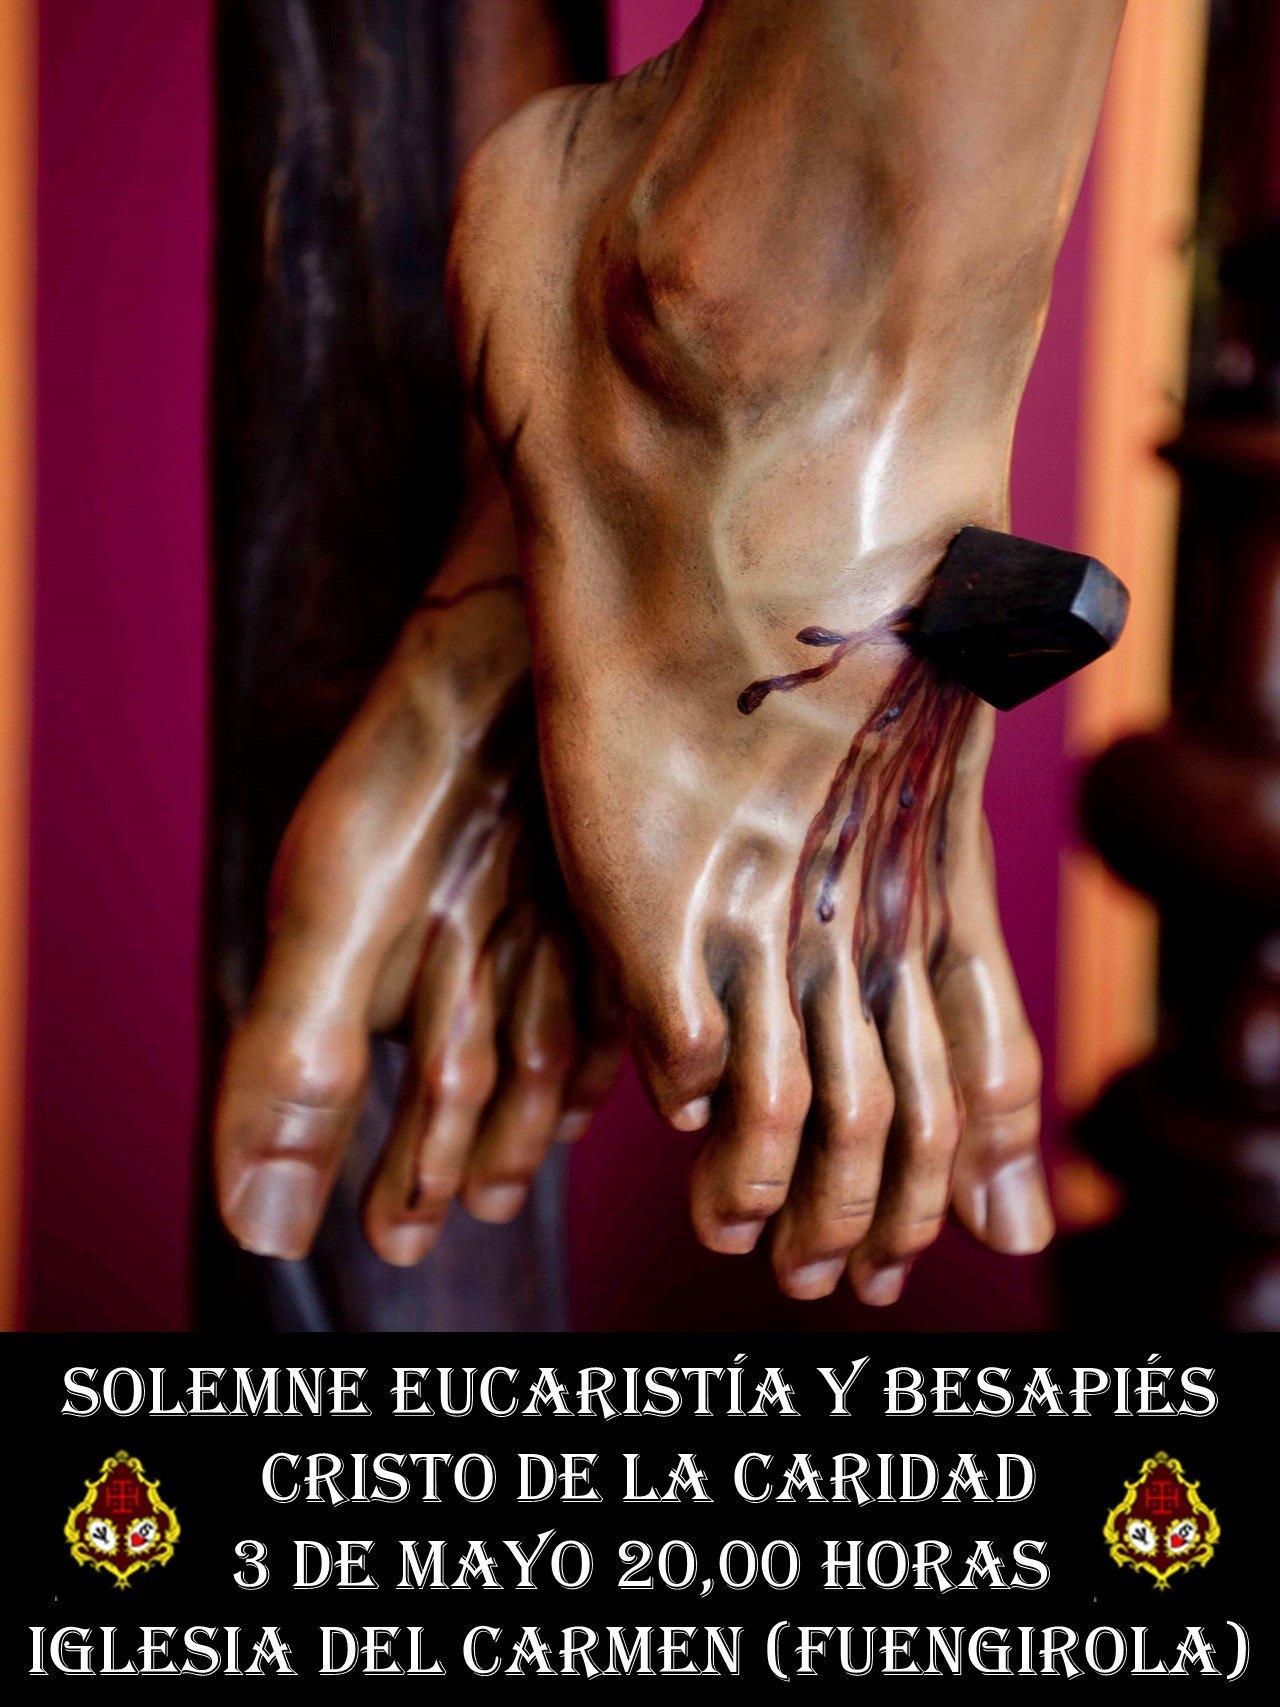 Cristo de la Caridad: Solemne Eucaristía y Besapiés